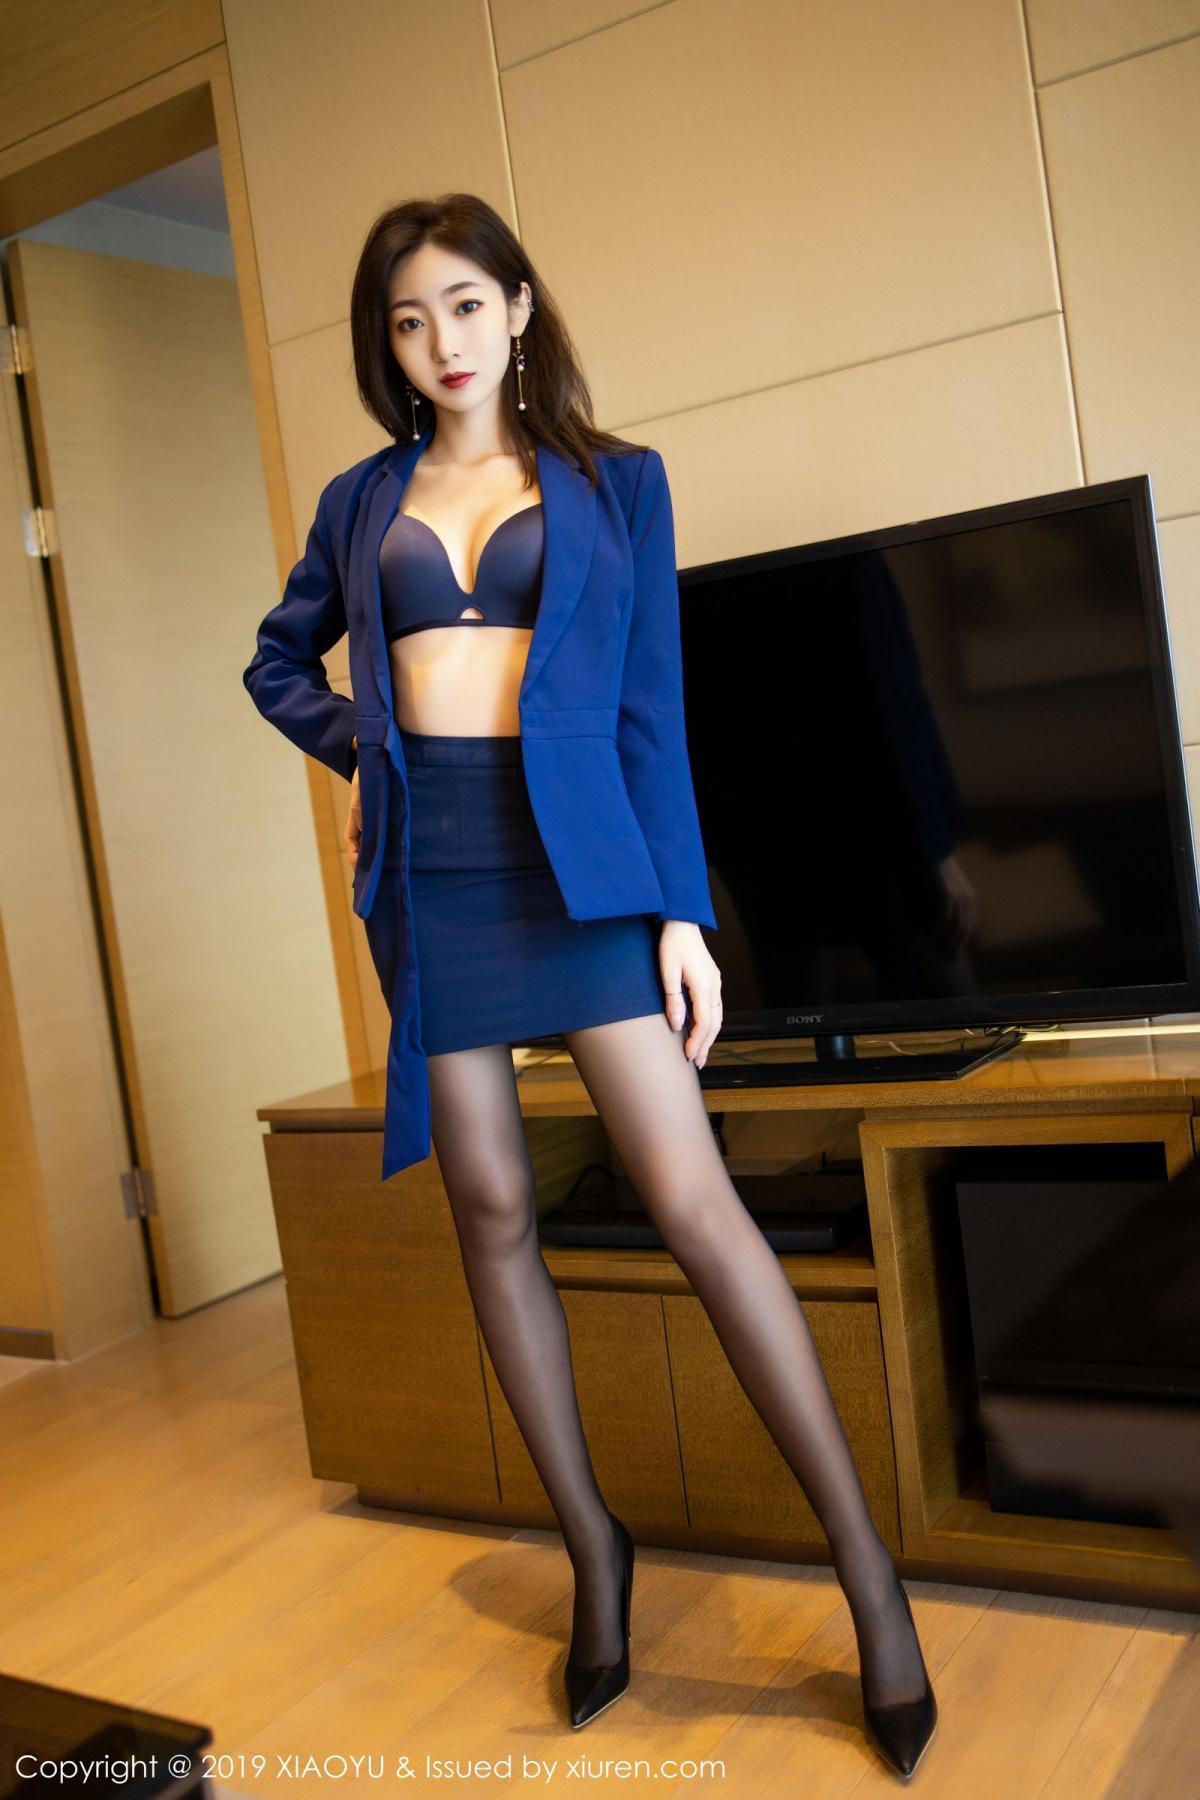 [XiaoYu] Vol.203 An Qi Yee 28P, An Qi Yee, Black Silk, Tall, Uniform, XiaoYu